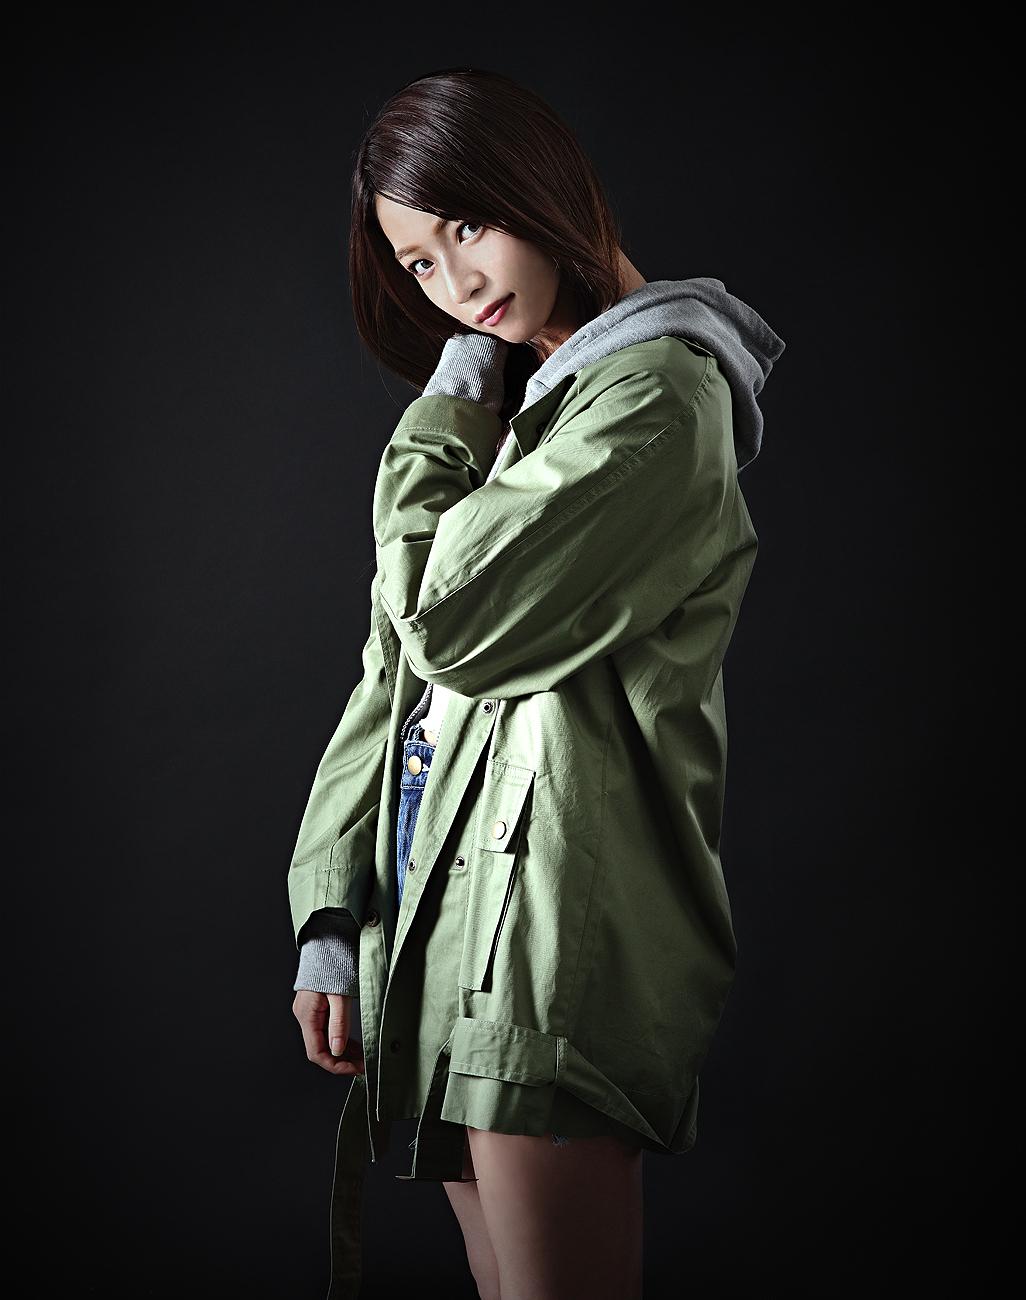 夕夏役 傳谷英里香